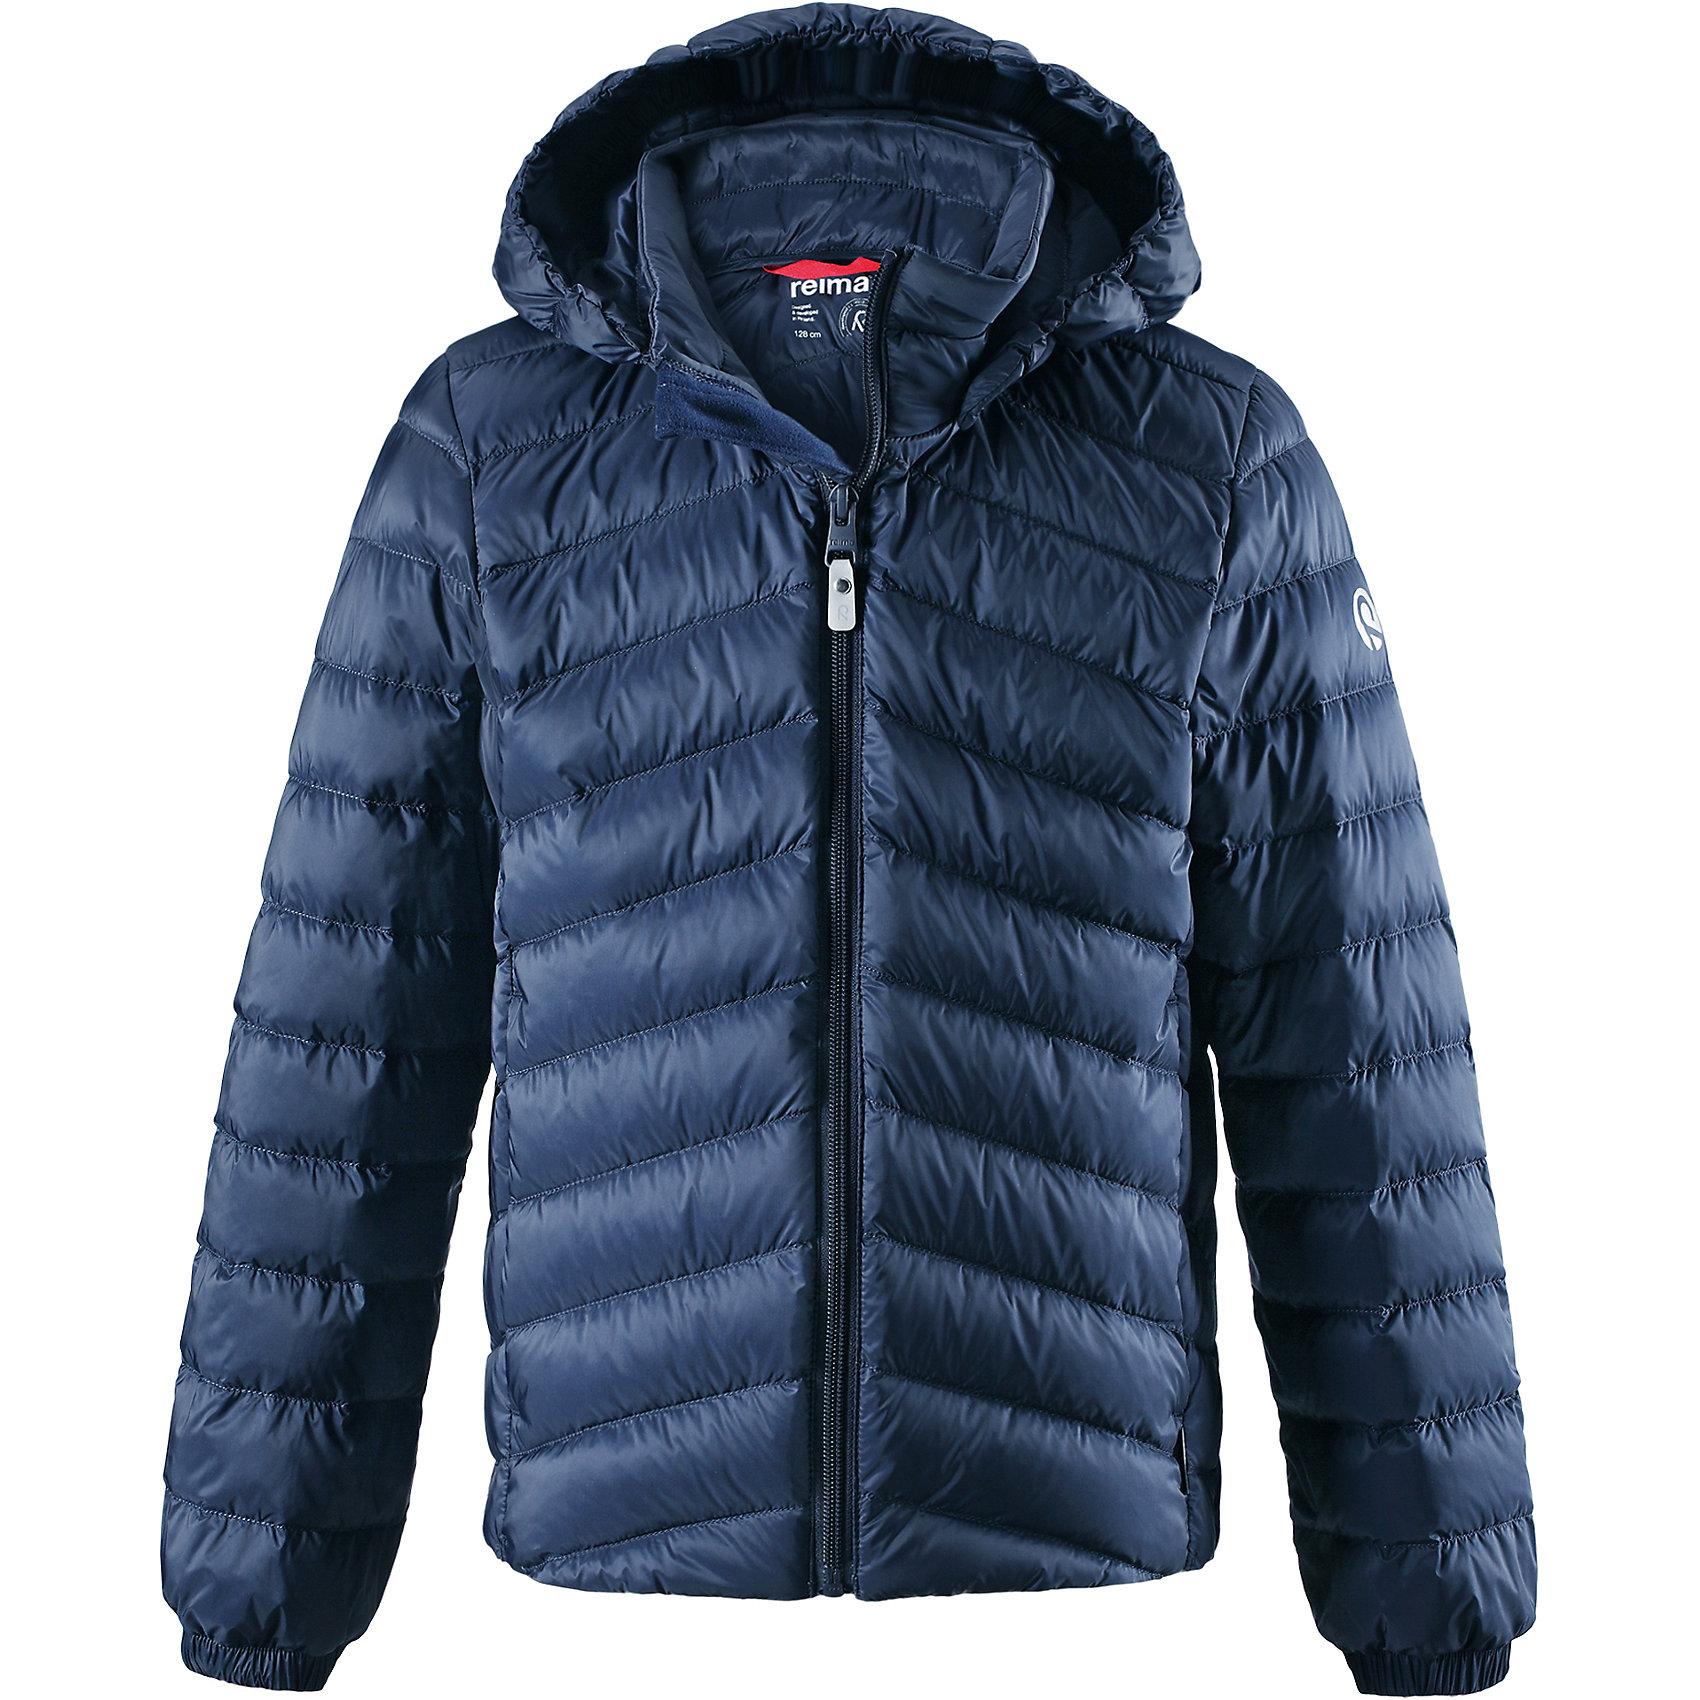 Куртка Reima Falk для мальчикаОдежда<br>Характеристики товара:<br><br>• цвет: синий;<br>• состав: 100% полиамид;<br>• подкладка: 100% полиэстер;<br>• утеплитель: 80% пух, 20% перо;<br>• сезон: зима;<br>• температурный режим: от 0 до -10С;<br>• воздухопроницаемость: 3000 мм;<br>• пуховая куртка для подростков;<br>• водоотталкивающий, ветронепроницаемый дышащий и грязеотталкивающий материал;<br>• гладкая подкладка из полиэстера;<br>• безопасный, съемный капюшон;<br>• эластичные манжеты;<br>• два боковых кармана;<br>• куртку можно хранить в специальной сумке, которая идет в комплекте;<br>• светоотражающие детали;<br>• страна бренда: Финляндия;<br>• страна изготовитель: Китай.<br><br>Куртка-пуховик для подростков сшита из водоотталкивающего, ветронепроницаемого и дышащего материала. Благодаря гладкому материалу подкладки, куртка легко надевается, а удобная двусторонняя молния превратит одевание в веселую игру. . Эластичный край подола и поясок на спинке придают этой стильной удлиненной куртке красивый силуэт. <br><br>Куртка снабжена безопасным съемным капюшоном. Обратите внимание на удобную петельку, спрятанную в кармане с клапаном – к ней можно прикрепить любимый светоотражатель ребенка для обеспечения лучшей видимости. В комплекте с курткой идет отдельная сумка для ее хранения. Роскошная, модная, легкая и теплая куртка станет отличным вариантом и для игр во дворе, и для прогулок по городу.<br><br>Куртку Falk для мальчика Reima от финского бренда Reima (Рейма) можно купить в нашем интернет-магазине.<br><br>Ширина мм: 356<br>Глубина мм: 10<br>Высота мм: 245<br>Вес г: 519<br>Цвет: синий<br>Возраст от месяцев: 156<br>Возраст до месяцев: 168<br>Пол: Мужской<br>Возраст: Детский<br>Размер: 164,104,110,116,122,128,134,140,146,152,158<br>SKU: 6902968